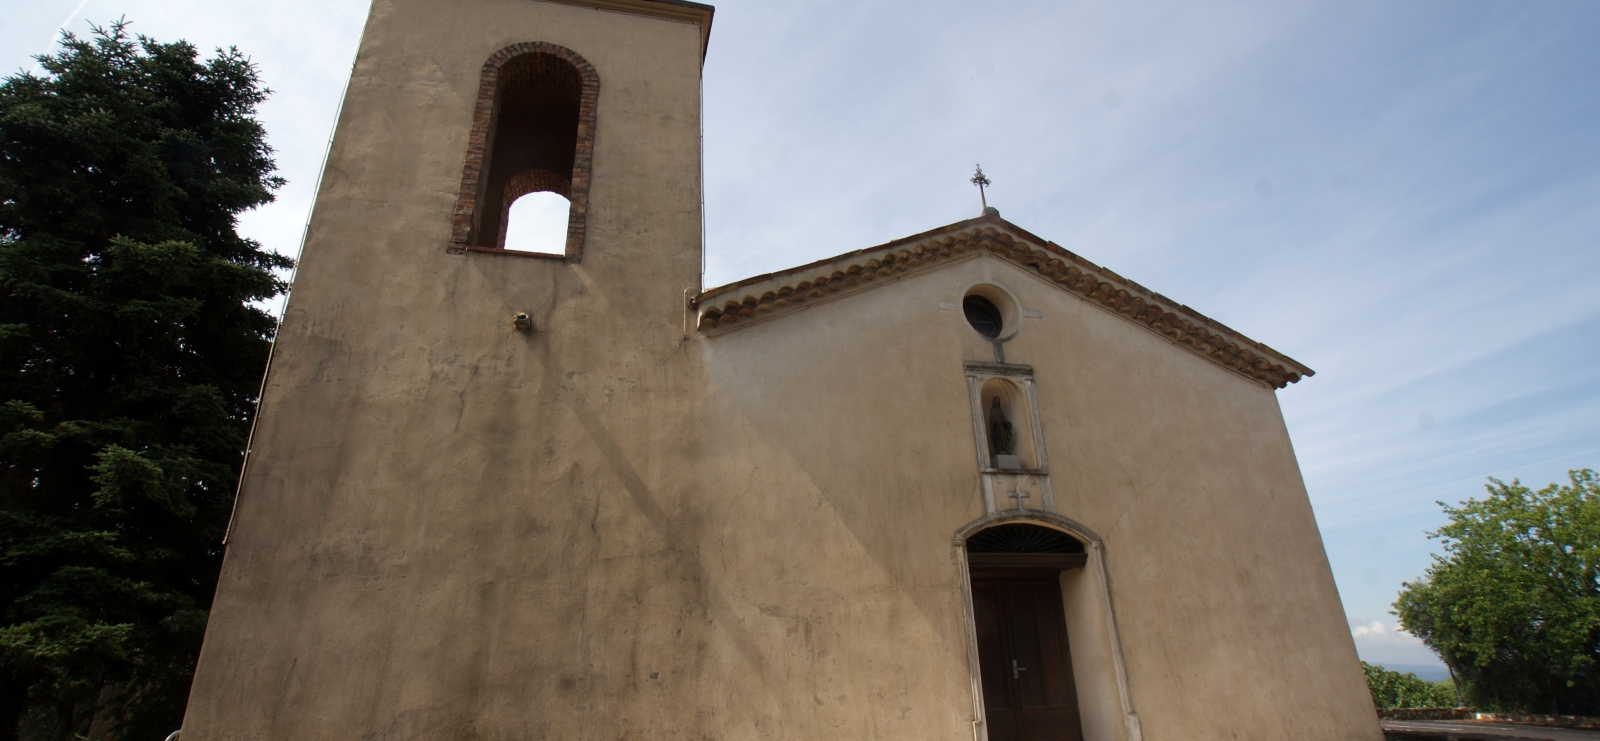 Eglise Notre Dame de Peygros